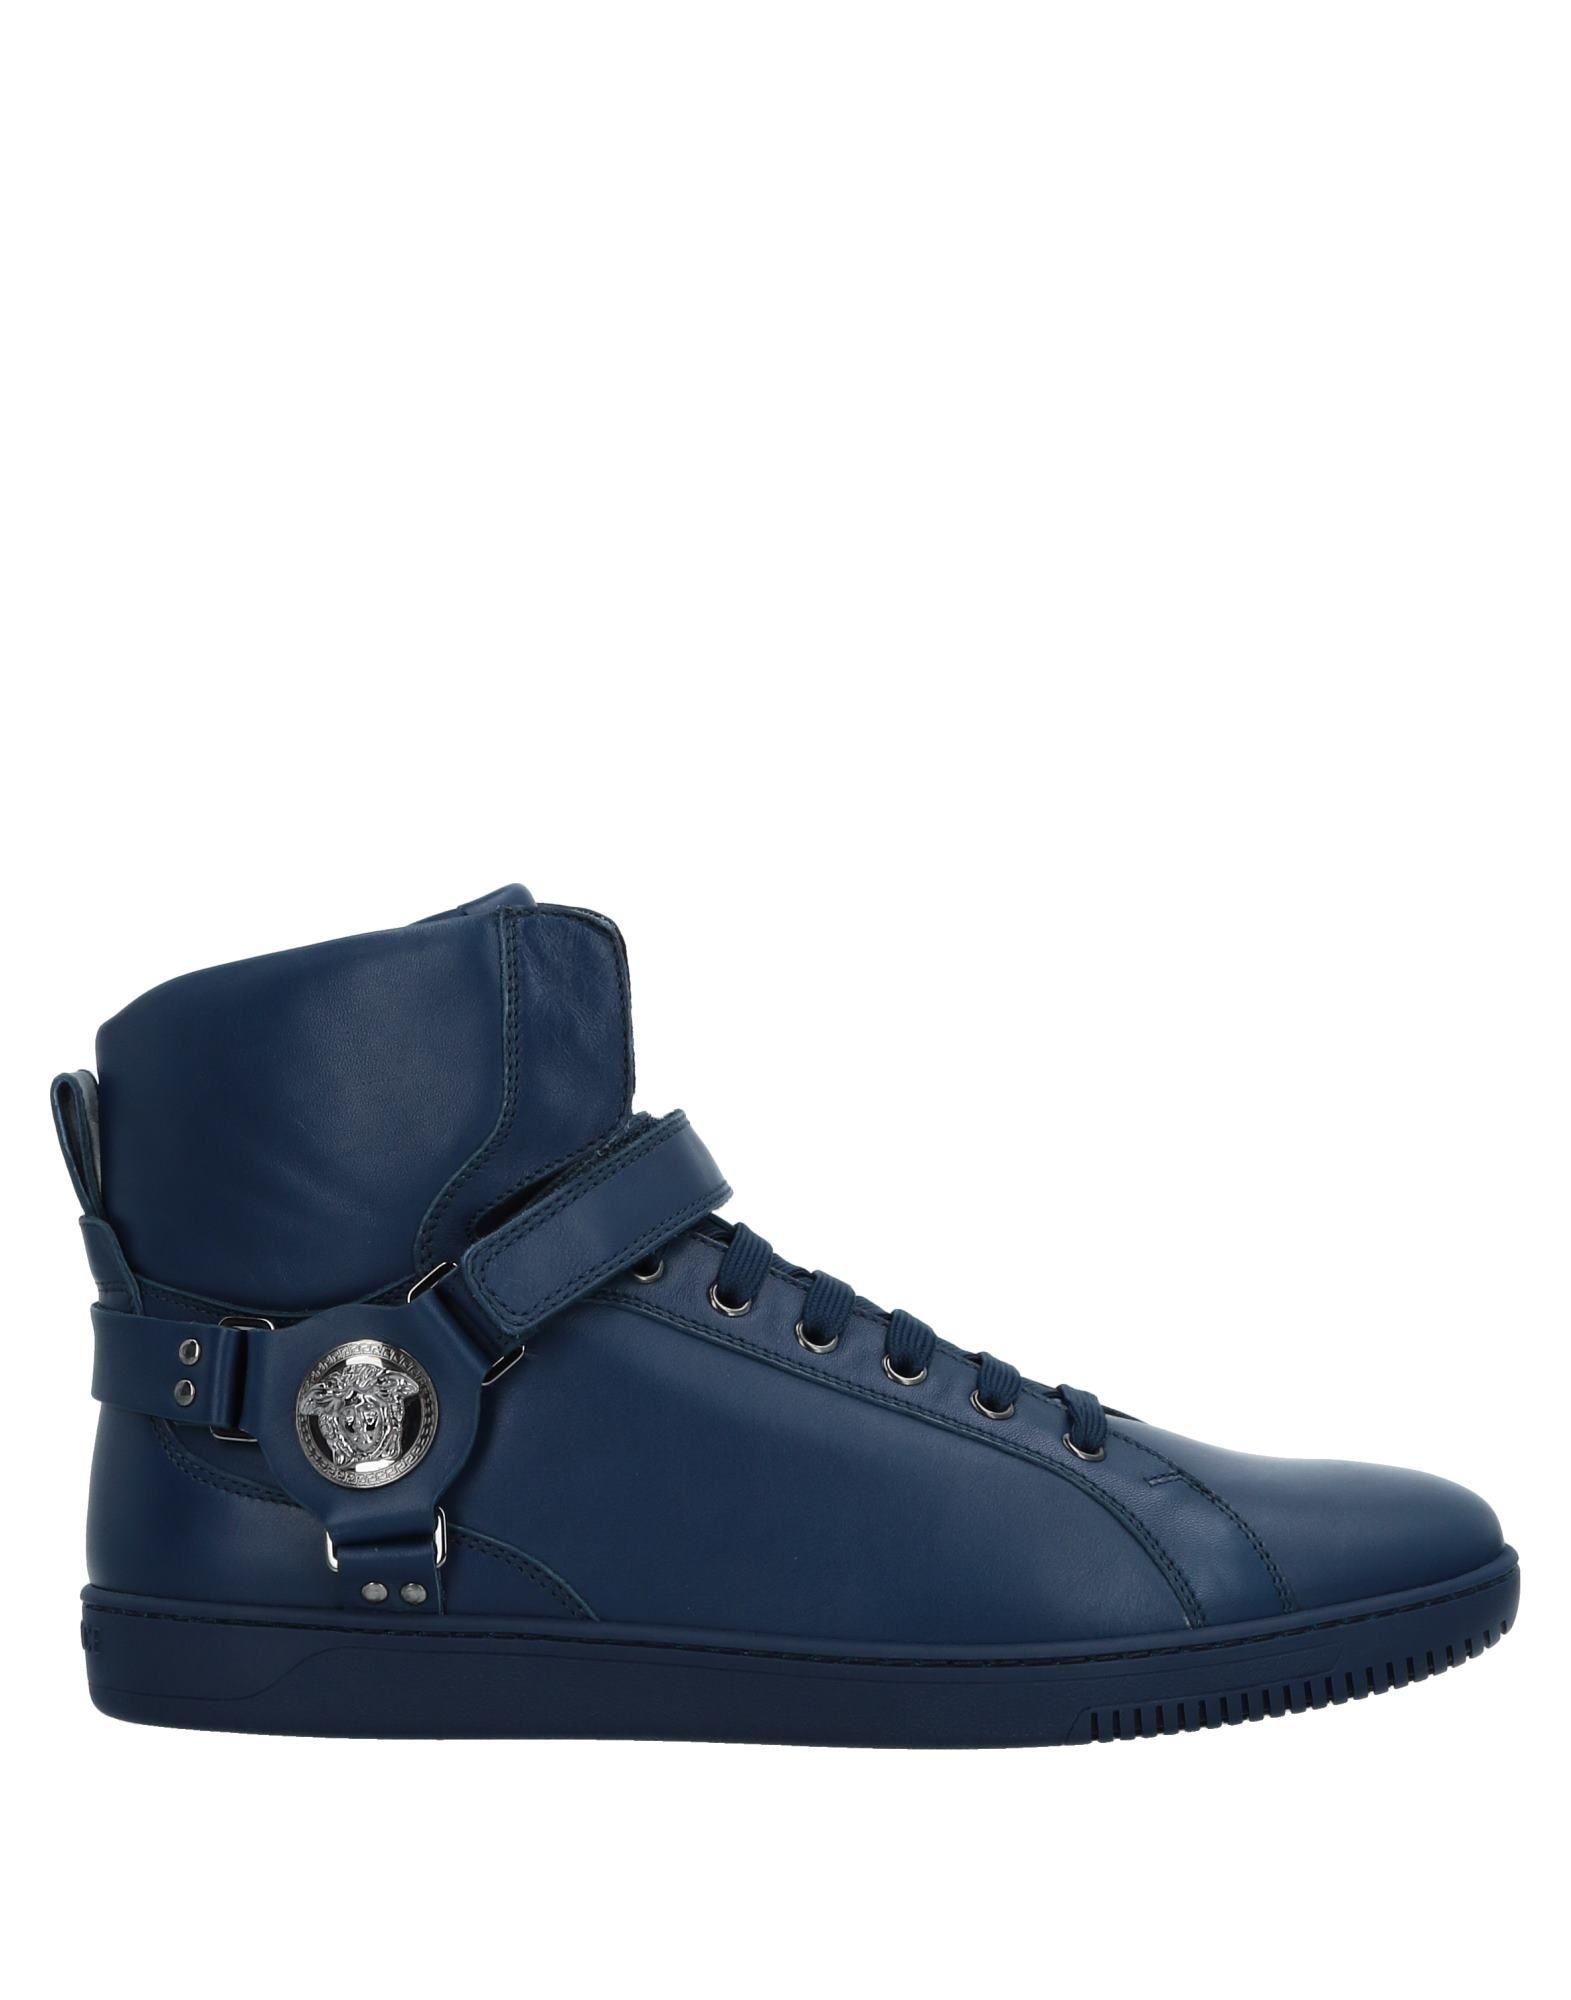 Versace Sneakers Herren  11520614VC Gute Qualität beliebte Schuhe